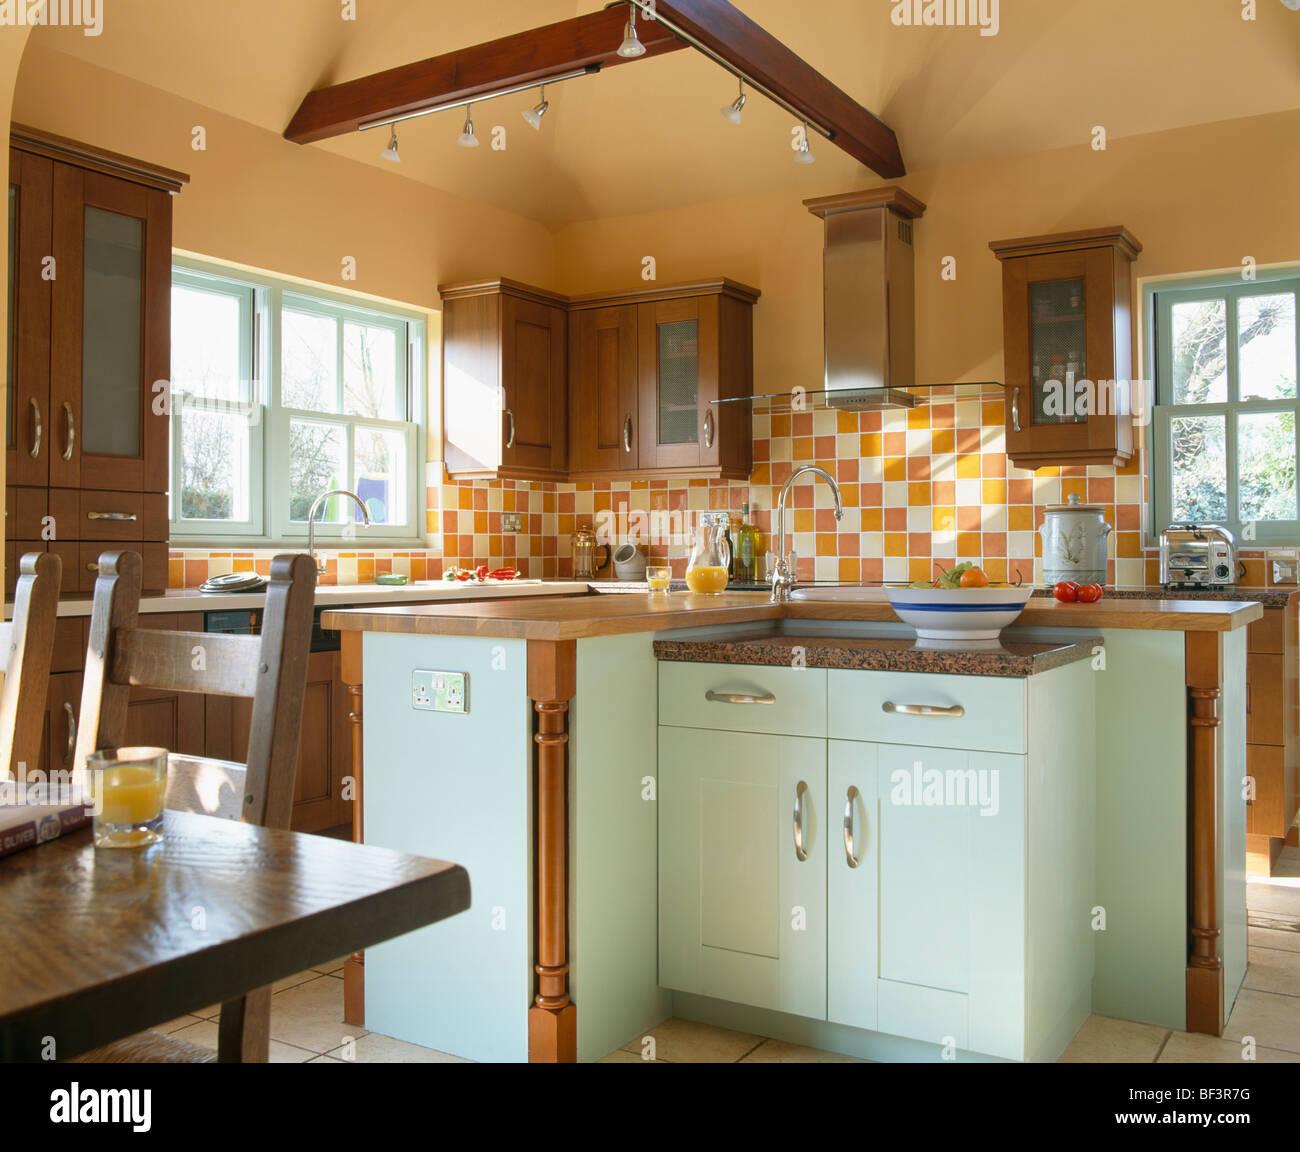 Arancione e bianco delle piastrelle a parete in cucina di paese con ...